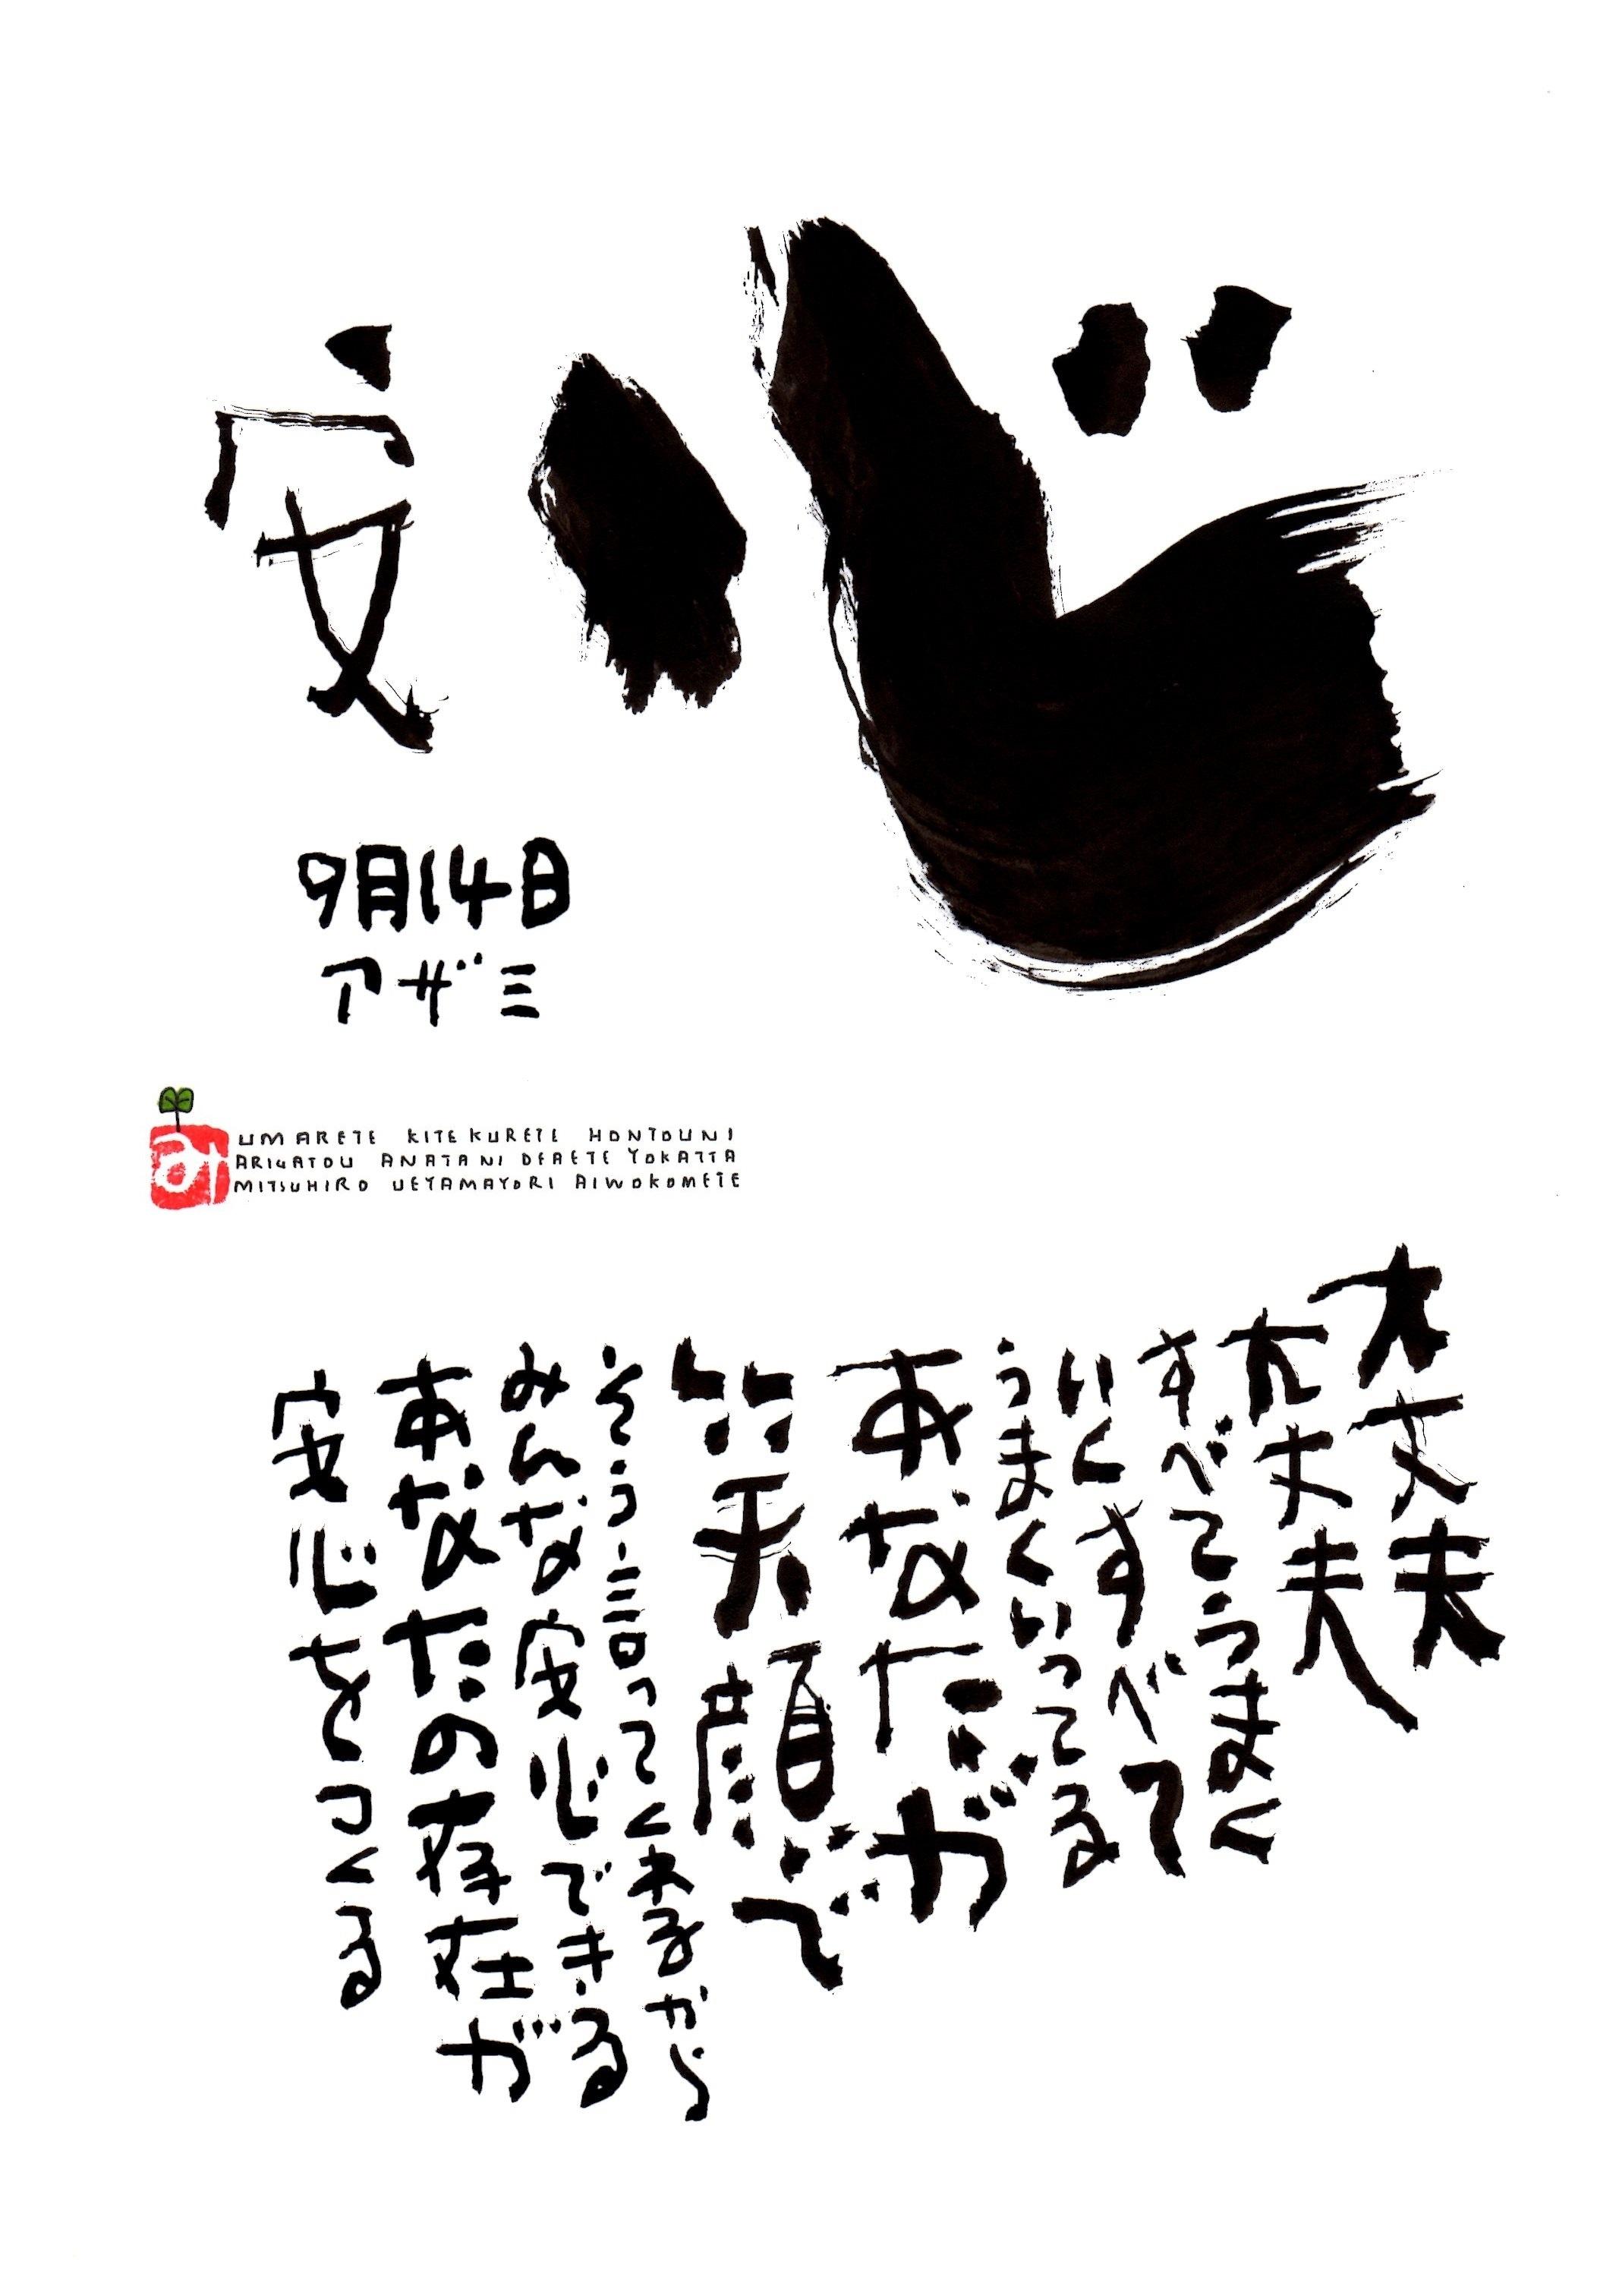 9月14日 誕生日ポストカード【安心】relief